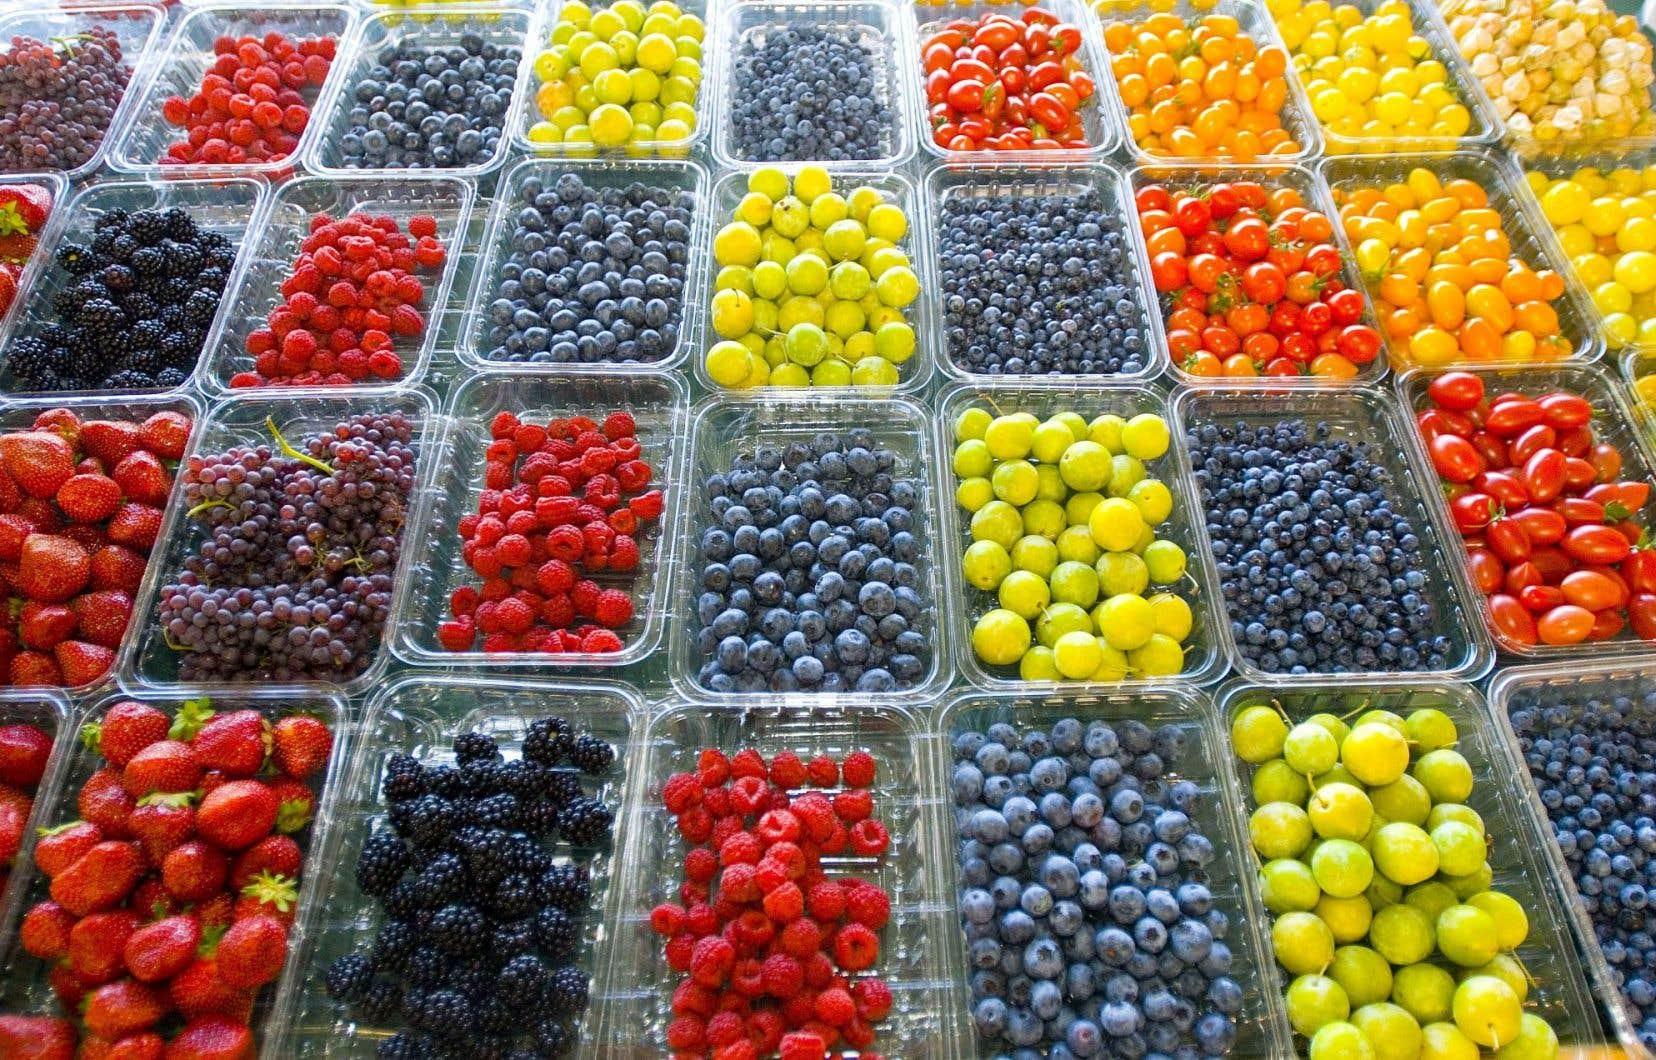 Une grande ville se devait d'avoir un lieu de référence agroalimentaire que peuvent s'approprier autant les touristes que la clientèle locale.